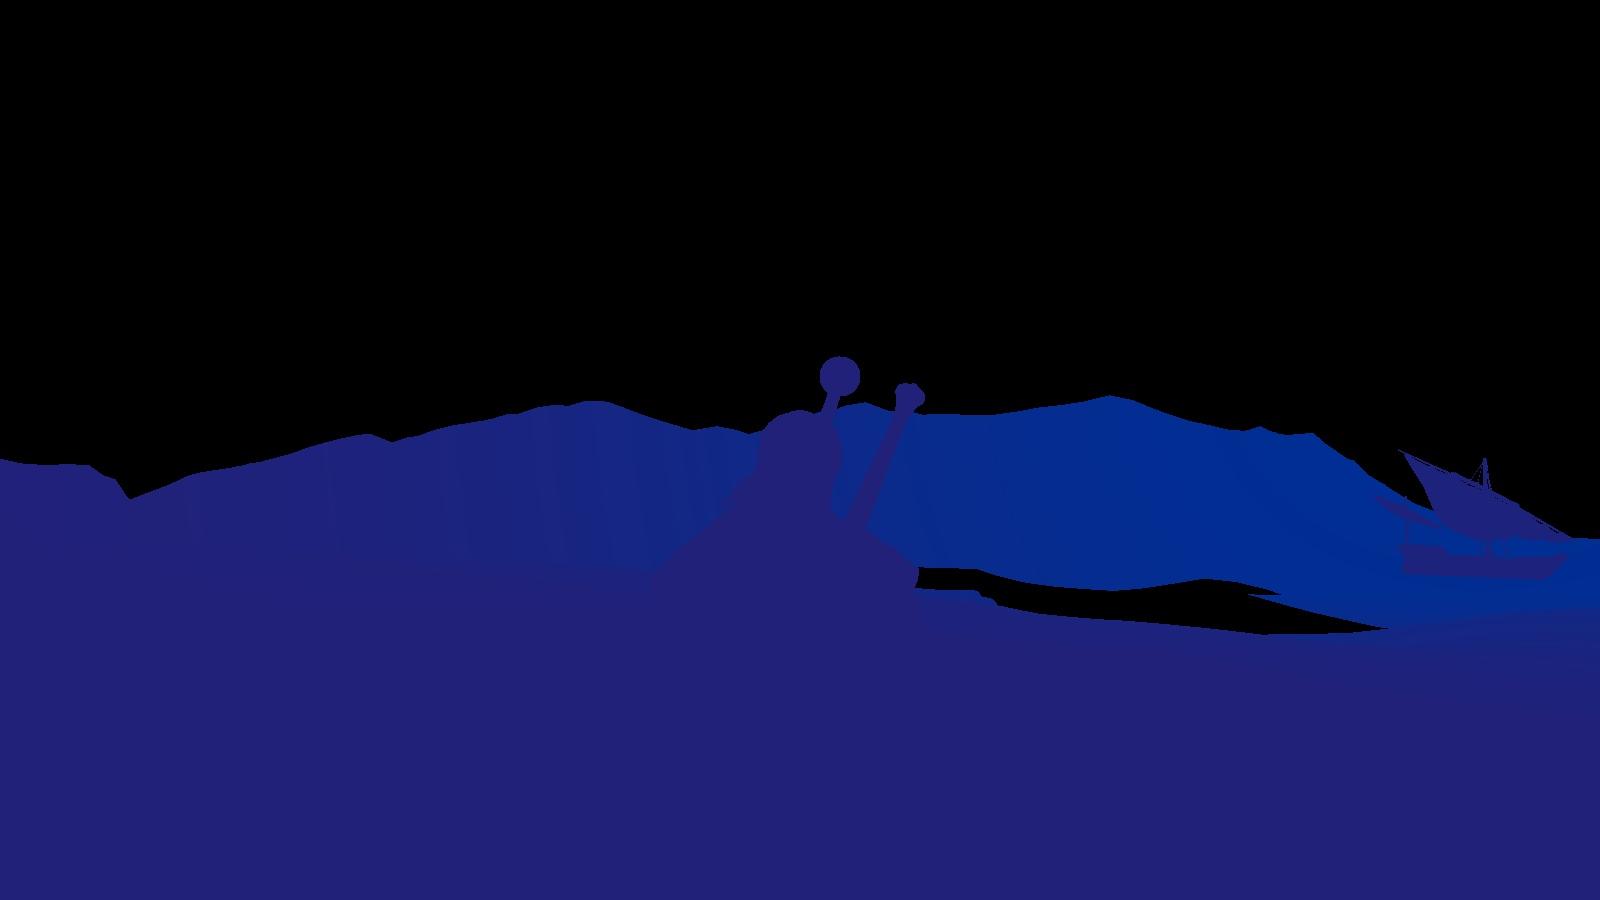 Реверс-инжиниринг рендеринга «Ведьмака 3»: различные эффекты неба - 32